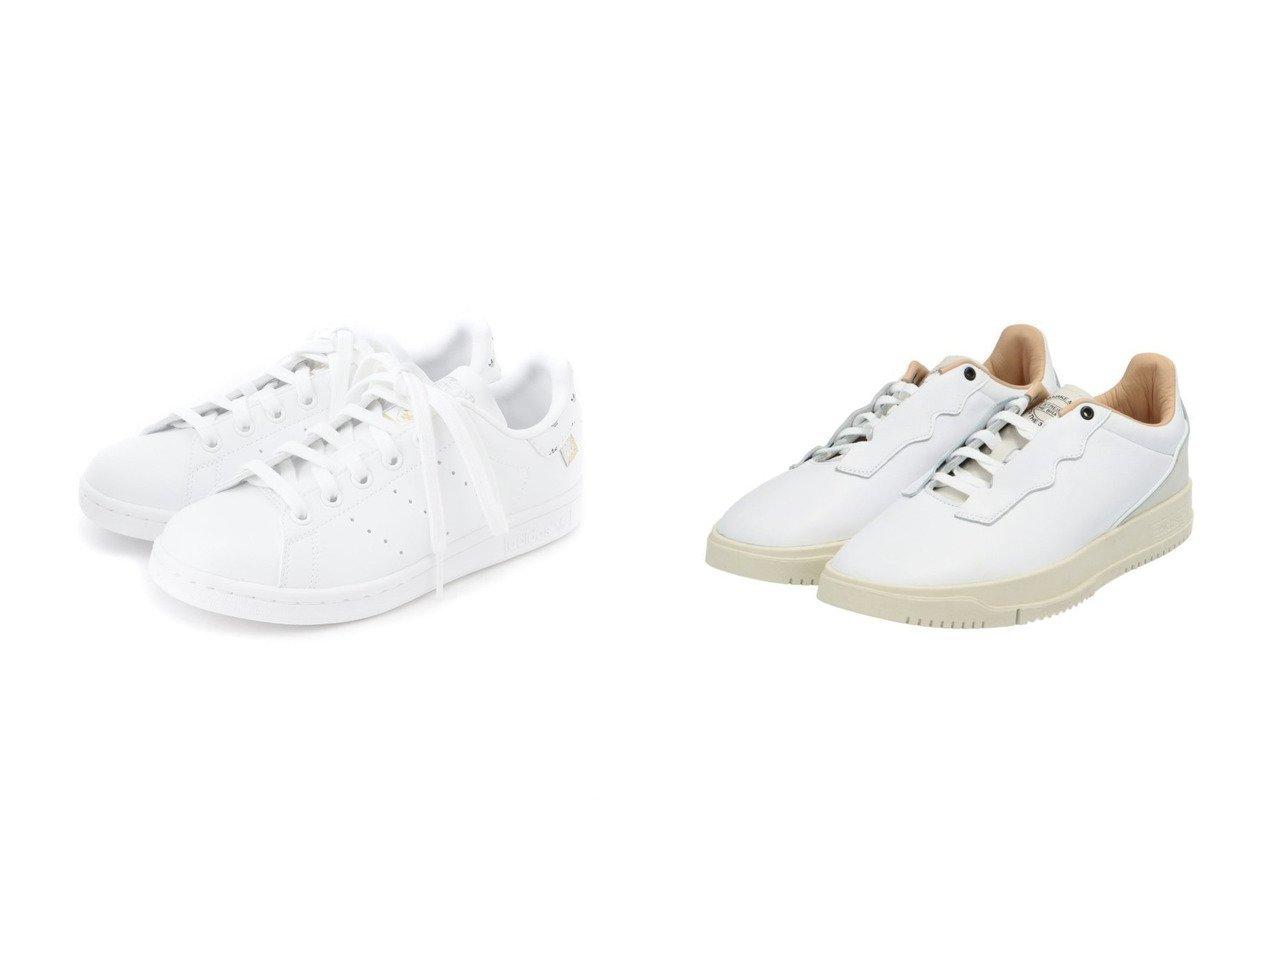 【adidas Originals/アディダス オリジナルス】のスタンスミス STAN SMITH アディダスオリジナルス&スーパーコート プレミアム SUPERCOURT PREMIUM アディダスオリジナルス FXFX5724 FX5726 【シューズ・靴】おすすめ!人気、トレンド・レディースファッションの通販 おすすめで人気の流行・トレンド、ファッションの通販商品 メンズファッション・キッズファッション・インテリア・家具・レディースファッション・服の通販 founy(ファニー) https://founy.com/ ファッション Fashion レディースファッション WOMEN アウター Coat Outerwear コート Coats シューズ スニーカー スポーツ スリッポン フィット プレミアム ベスト ベーシック ミックス メンズ レギュラー レース クラシック |ID:crp329100000028398